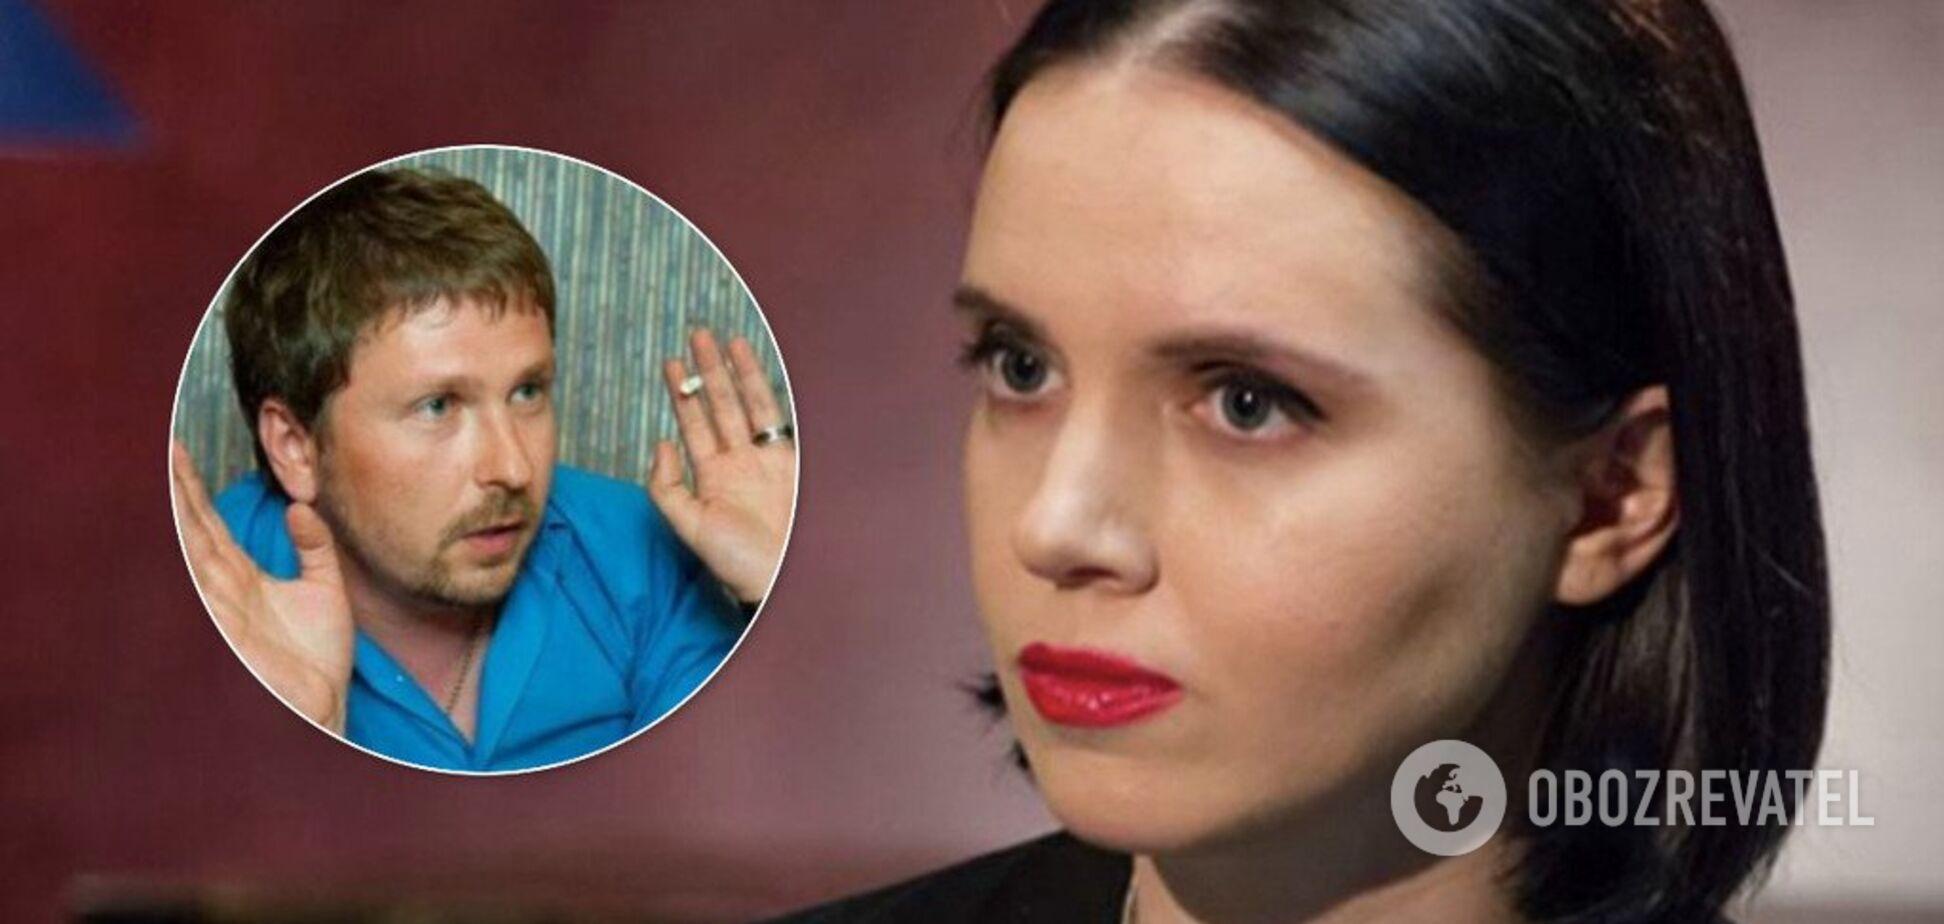 Шарій і Яніна Соколова публічно посварилися і викликали ажіотаж у мережі: в чому суть